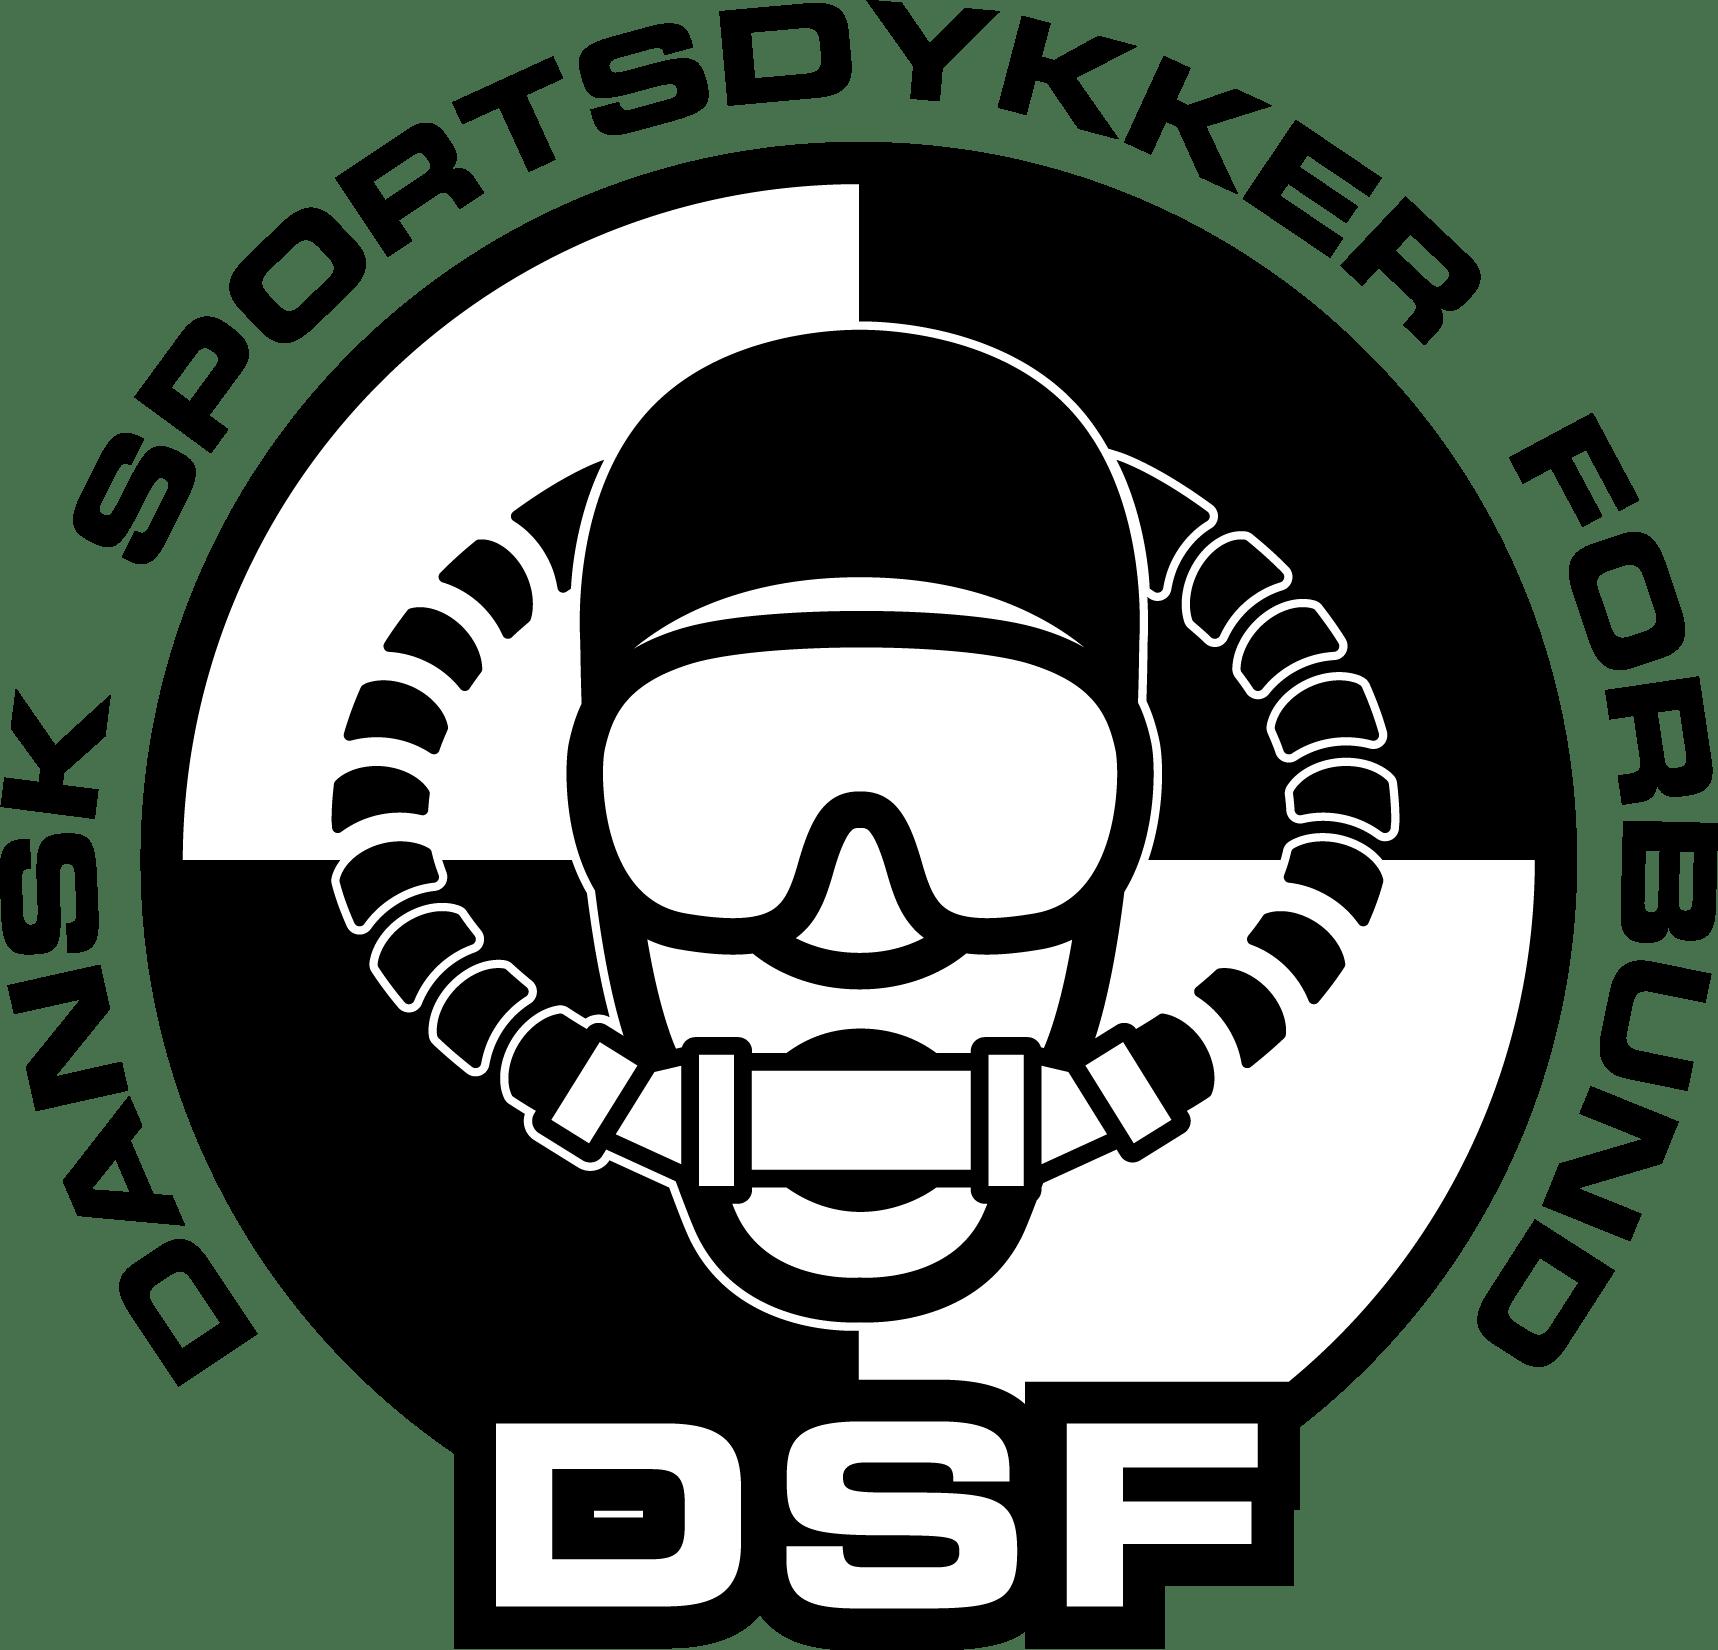 dansk sportsdykker forbund